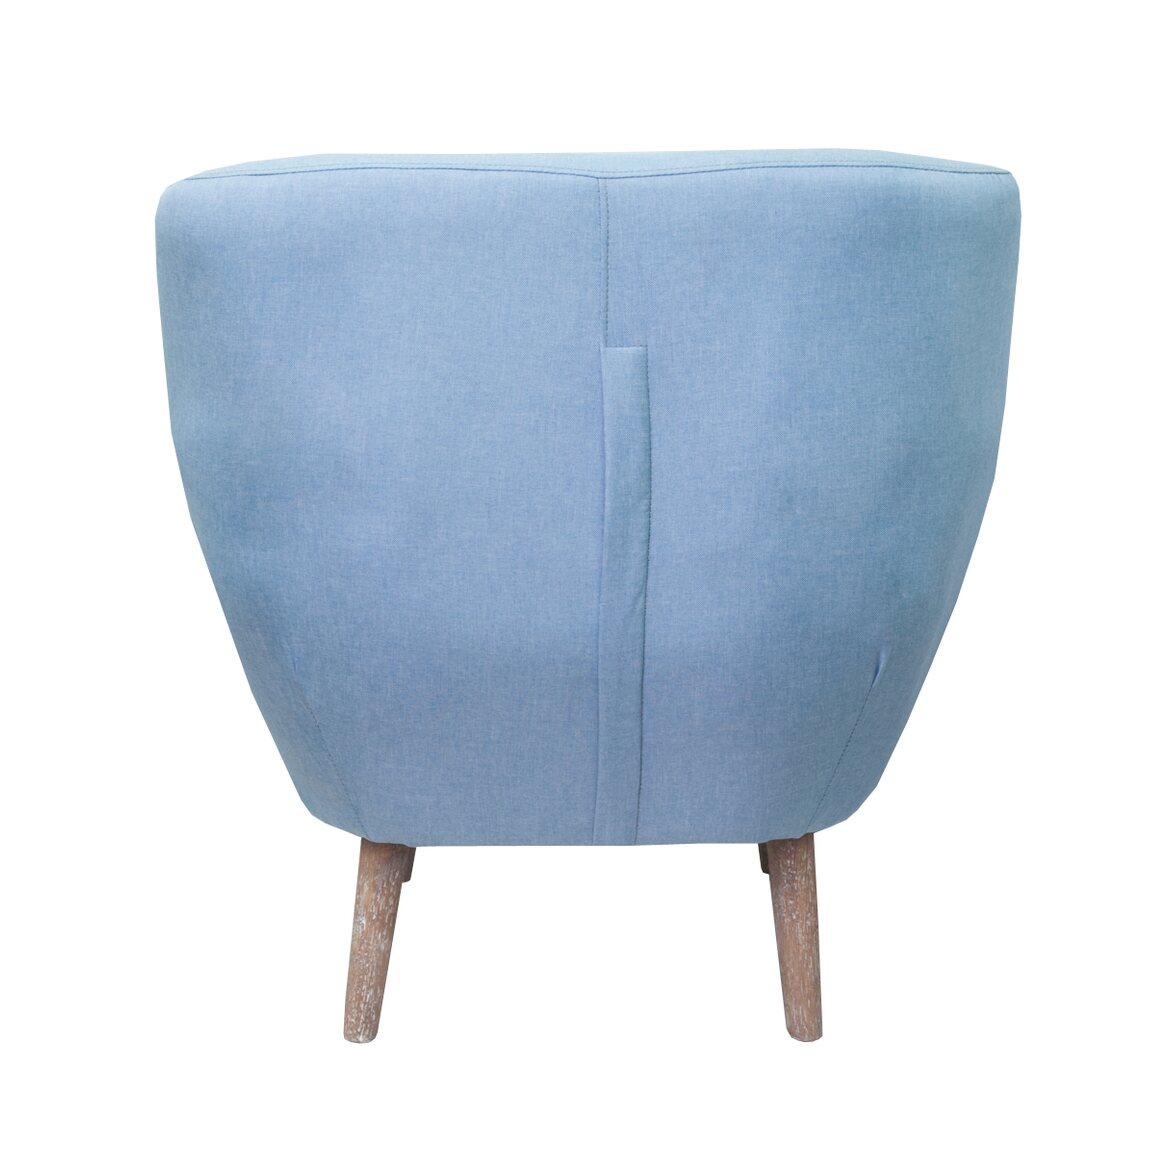 Низкое кресло Fuller blue 3 | Маленькие кресла Kingsby